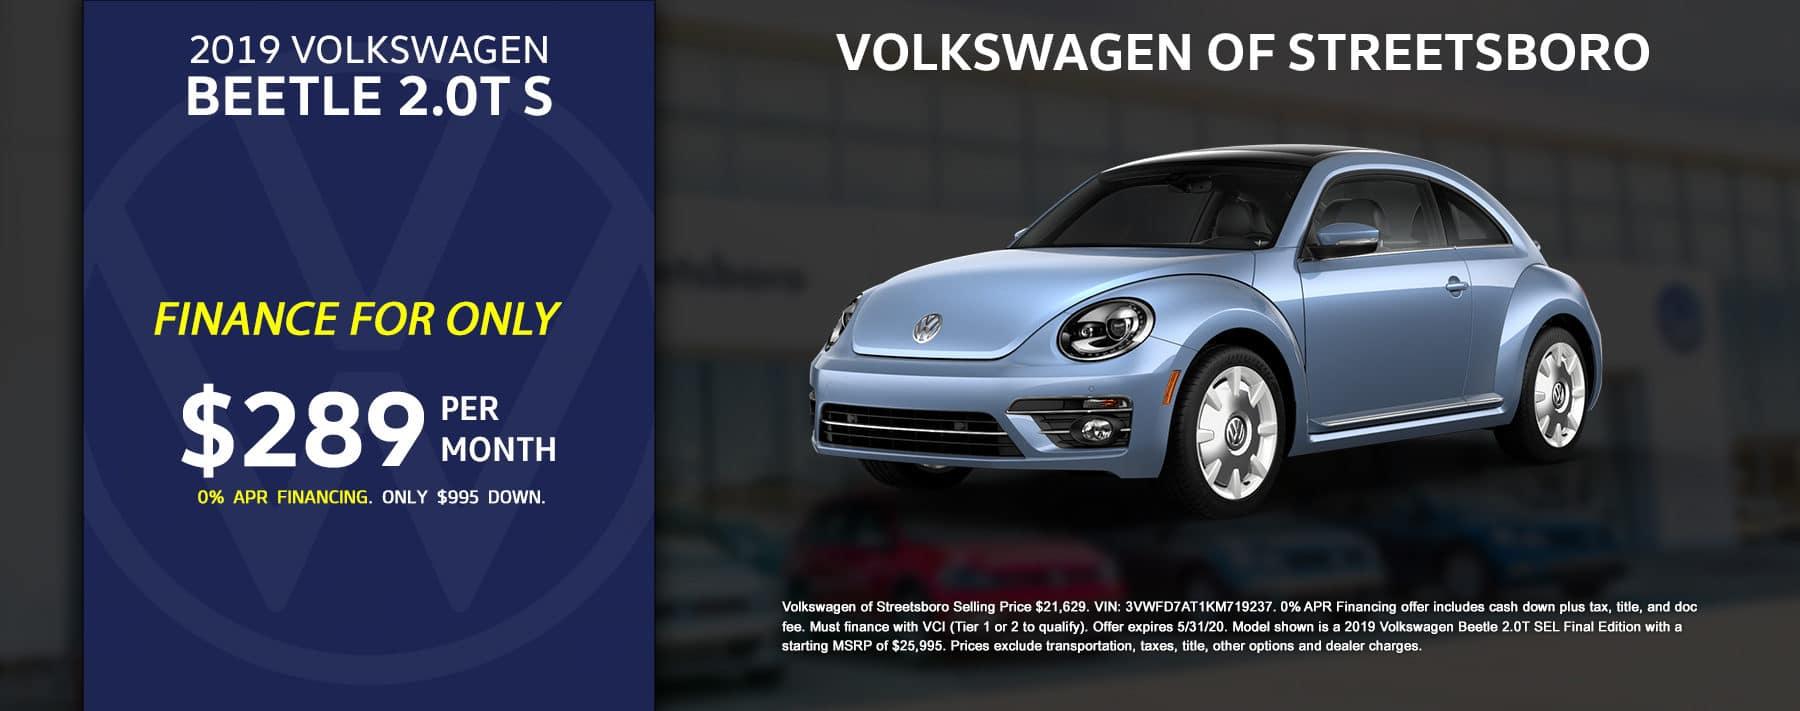 2019 VW Beetle - May 2020